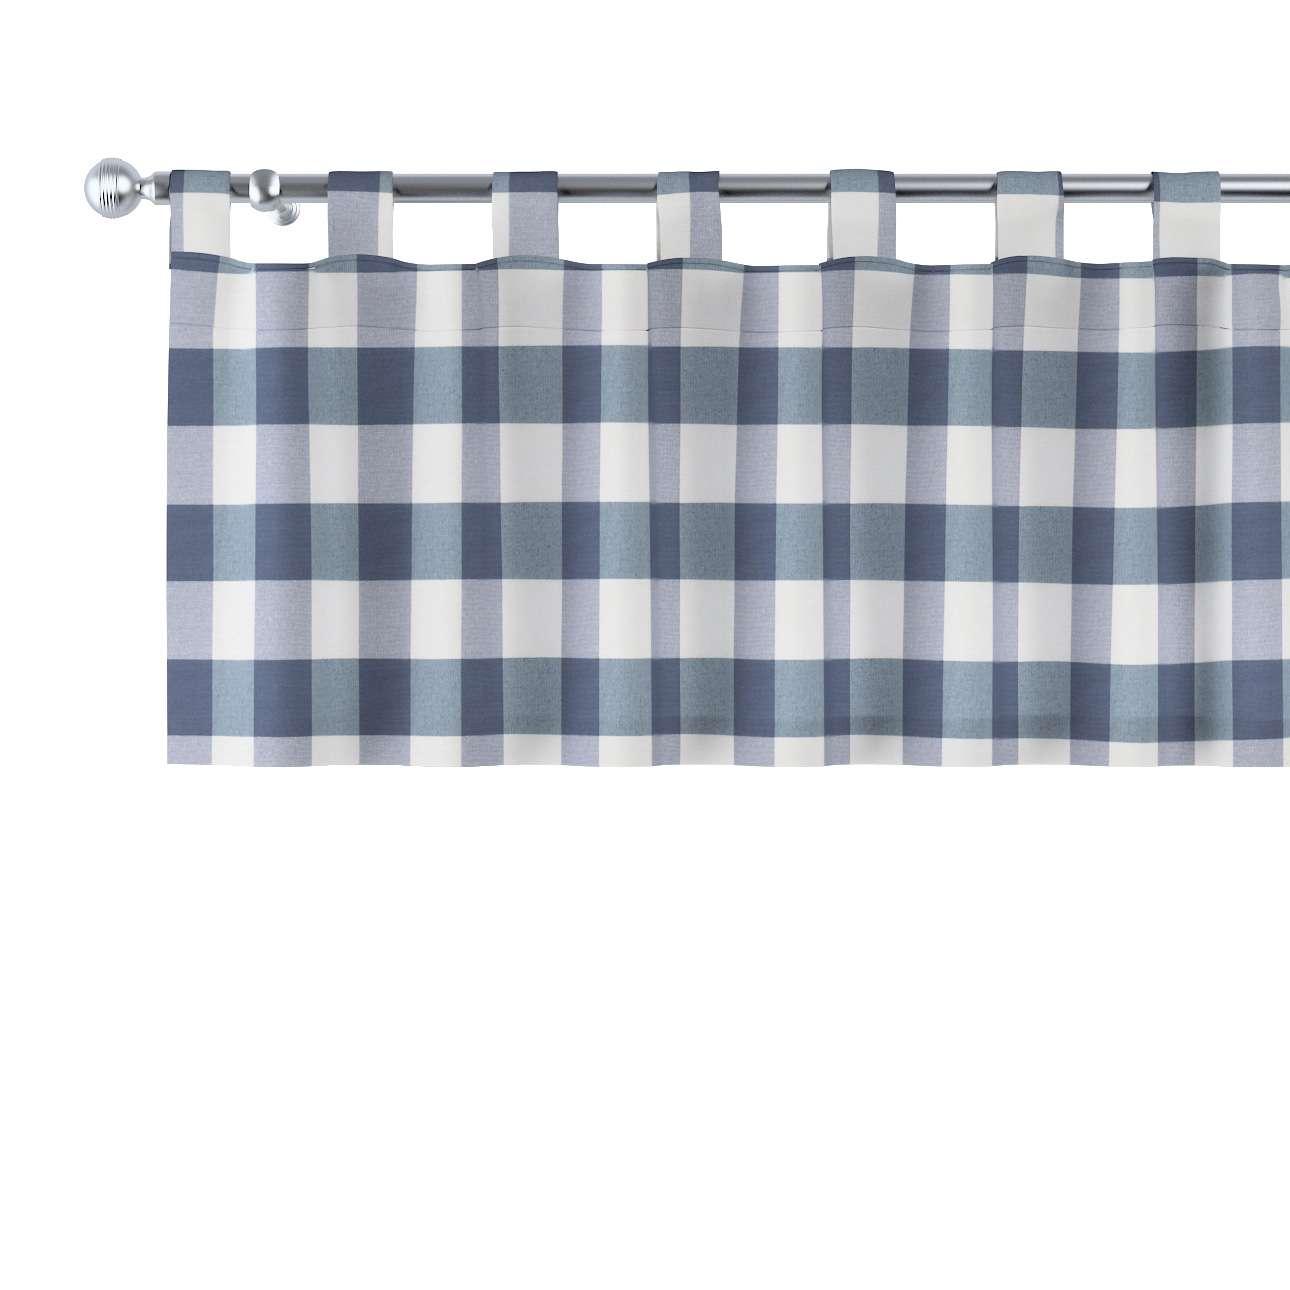 kurzgardine mit schlaufen weiss dunkelblau kariert dekoria. Black Bedroom Furniture Sets. Home Design Ideas